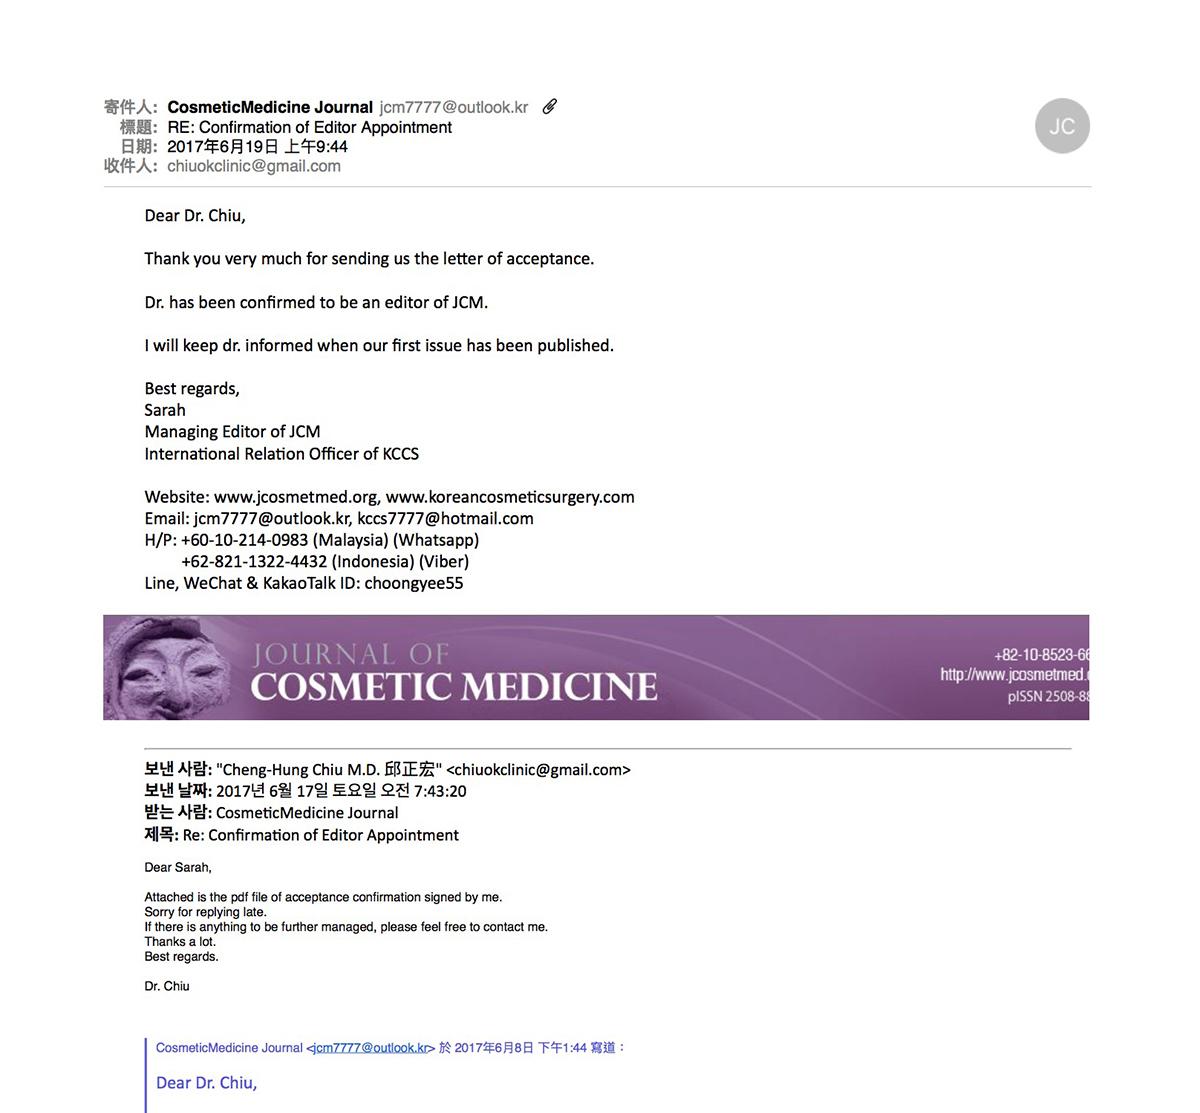 韓國美容外科醫學會「美容醫學期刊」邀請函原文